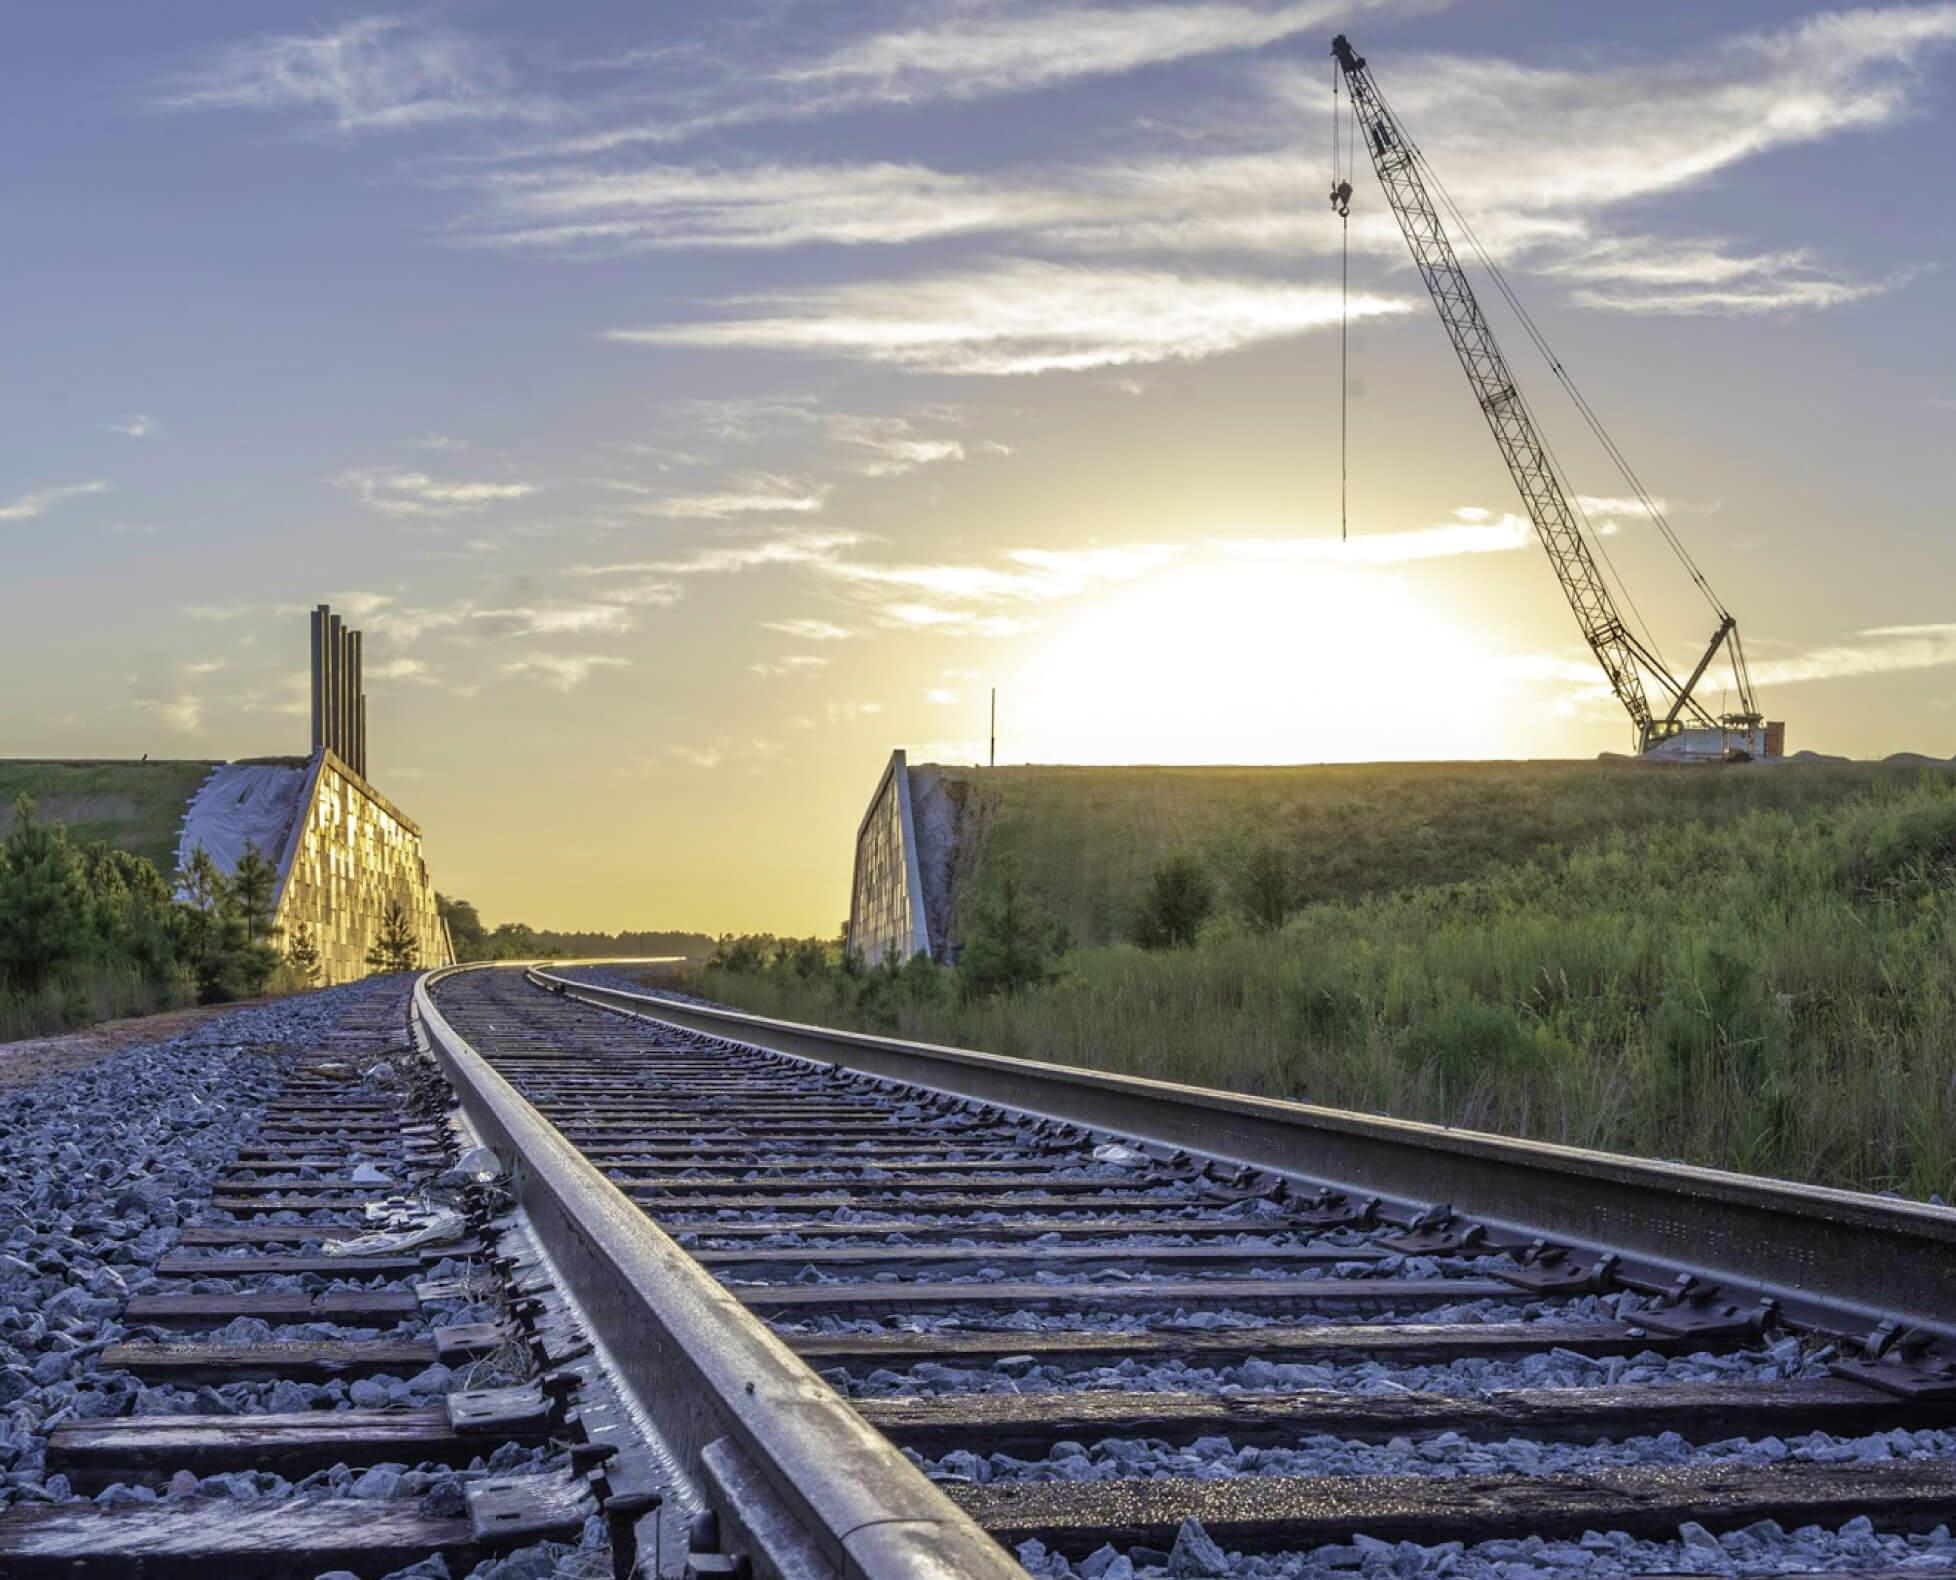 Sandersville Railroad Company railline